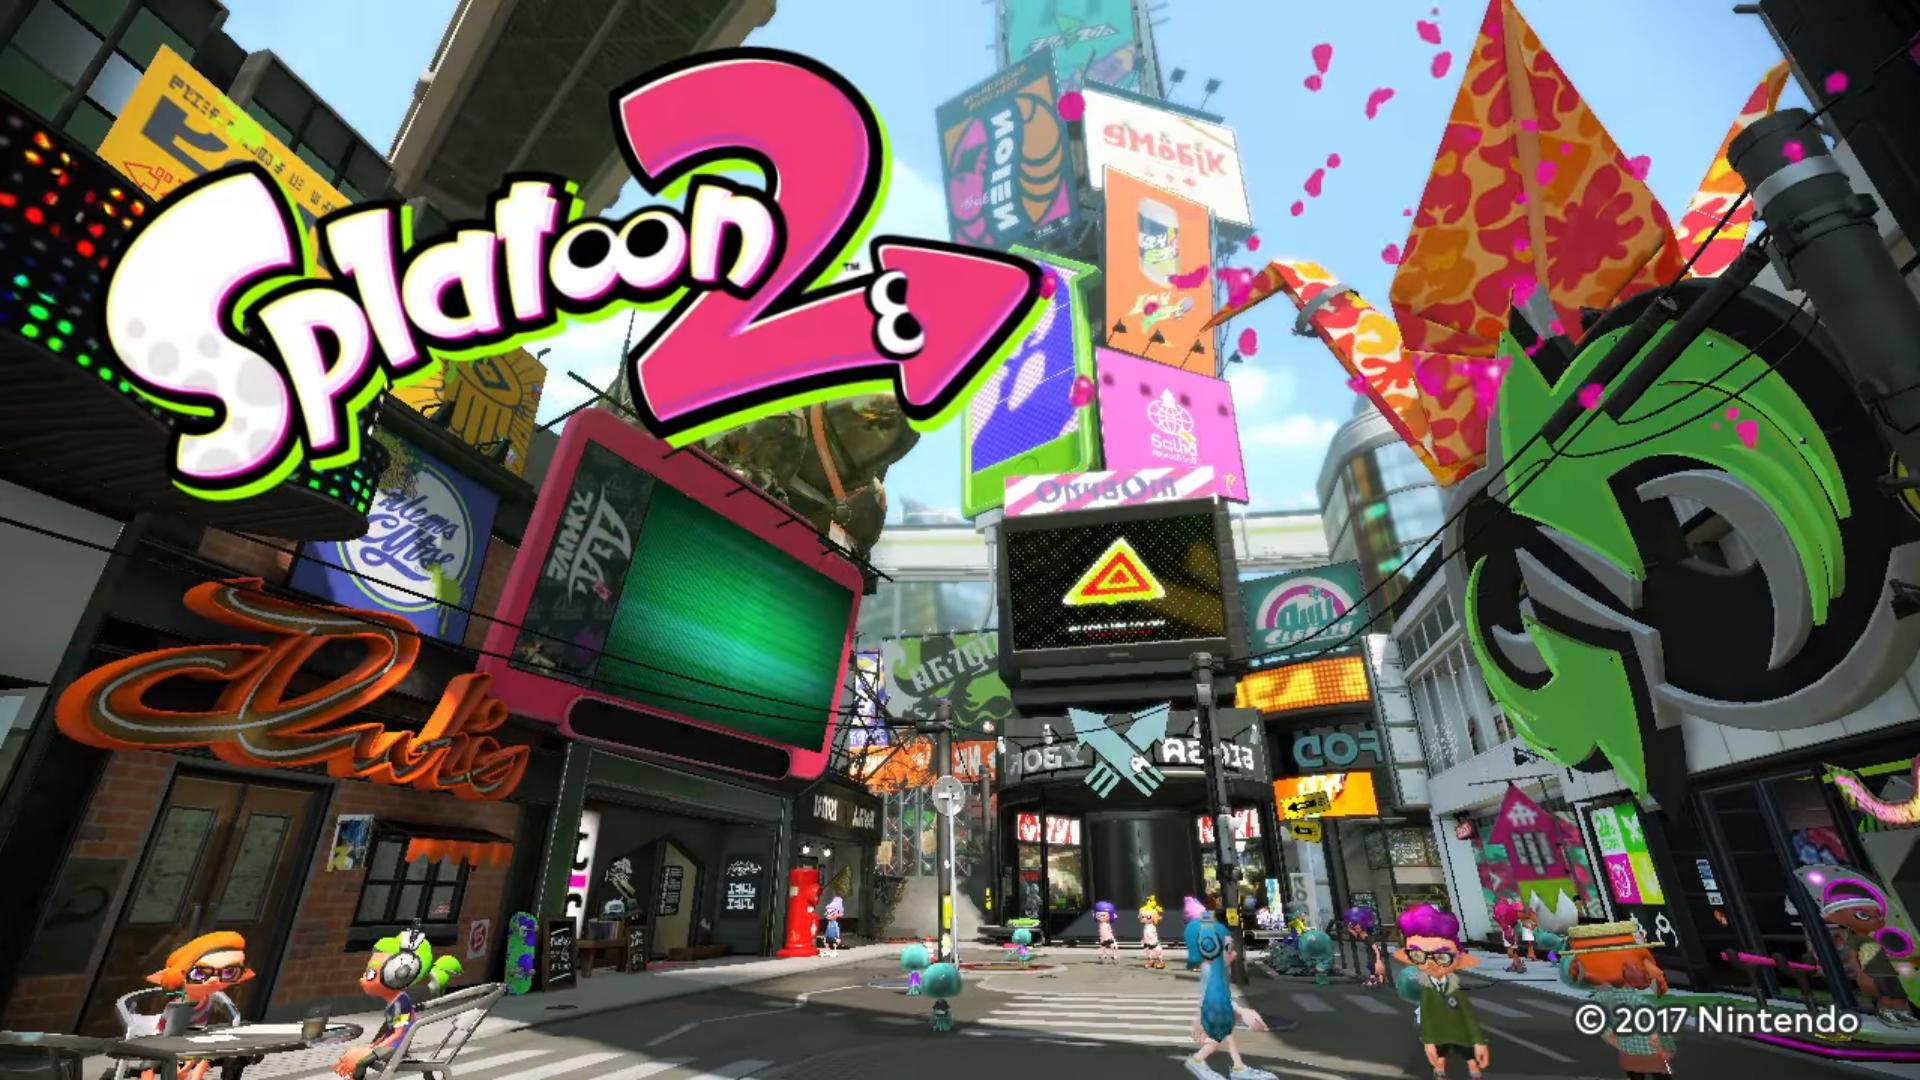 Splatoon 2 Looks Ink-redible in New Gameplay Reveal Trailer